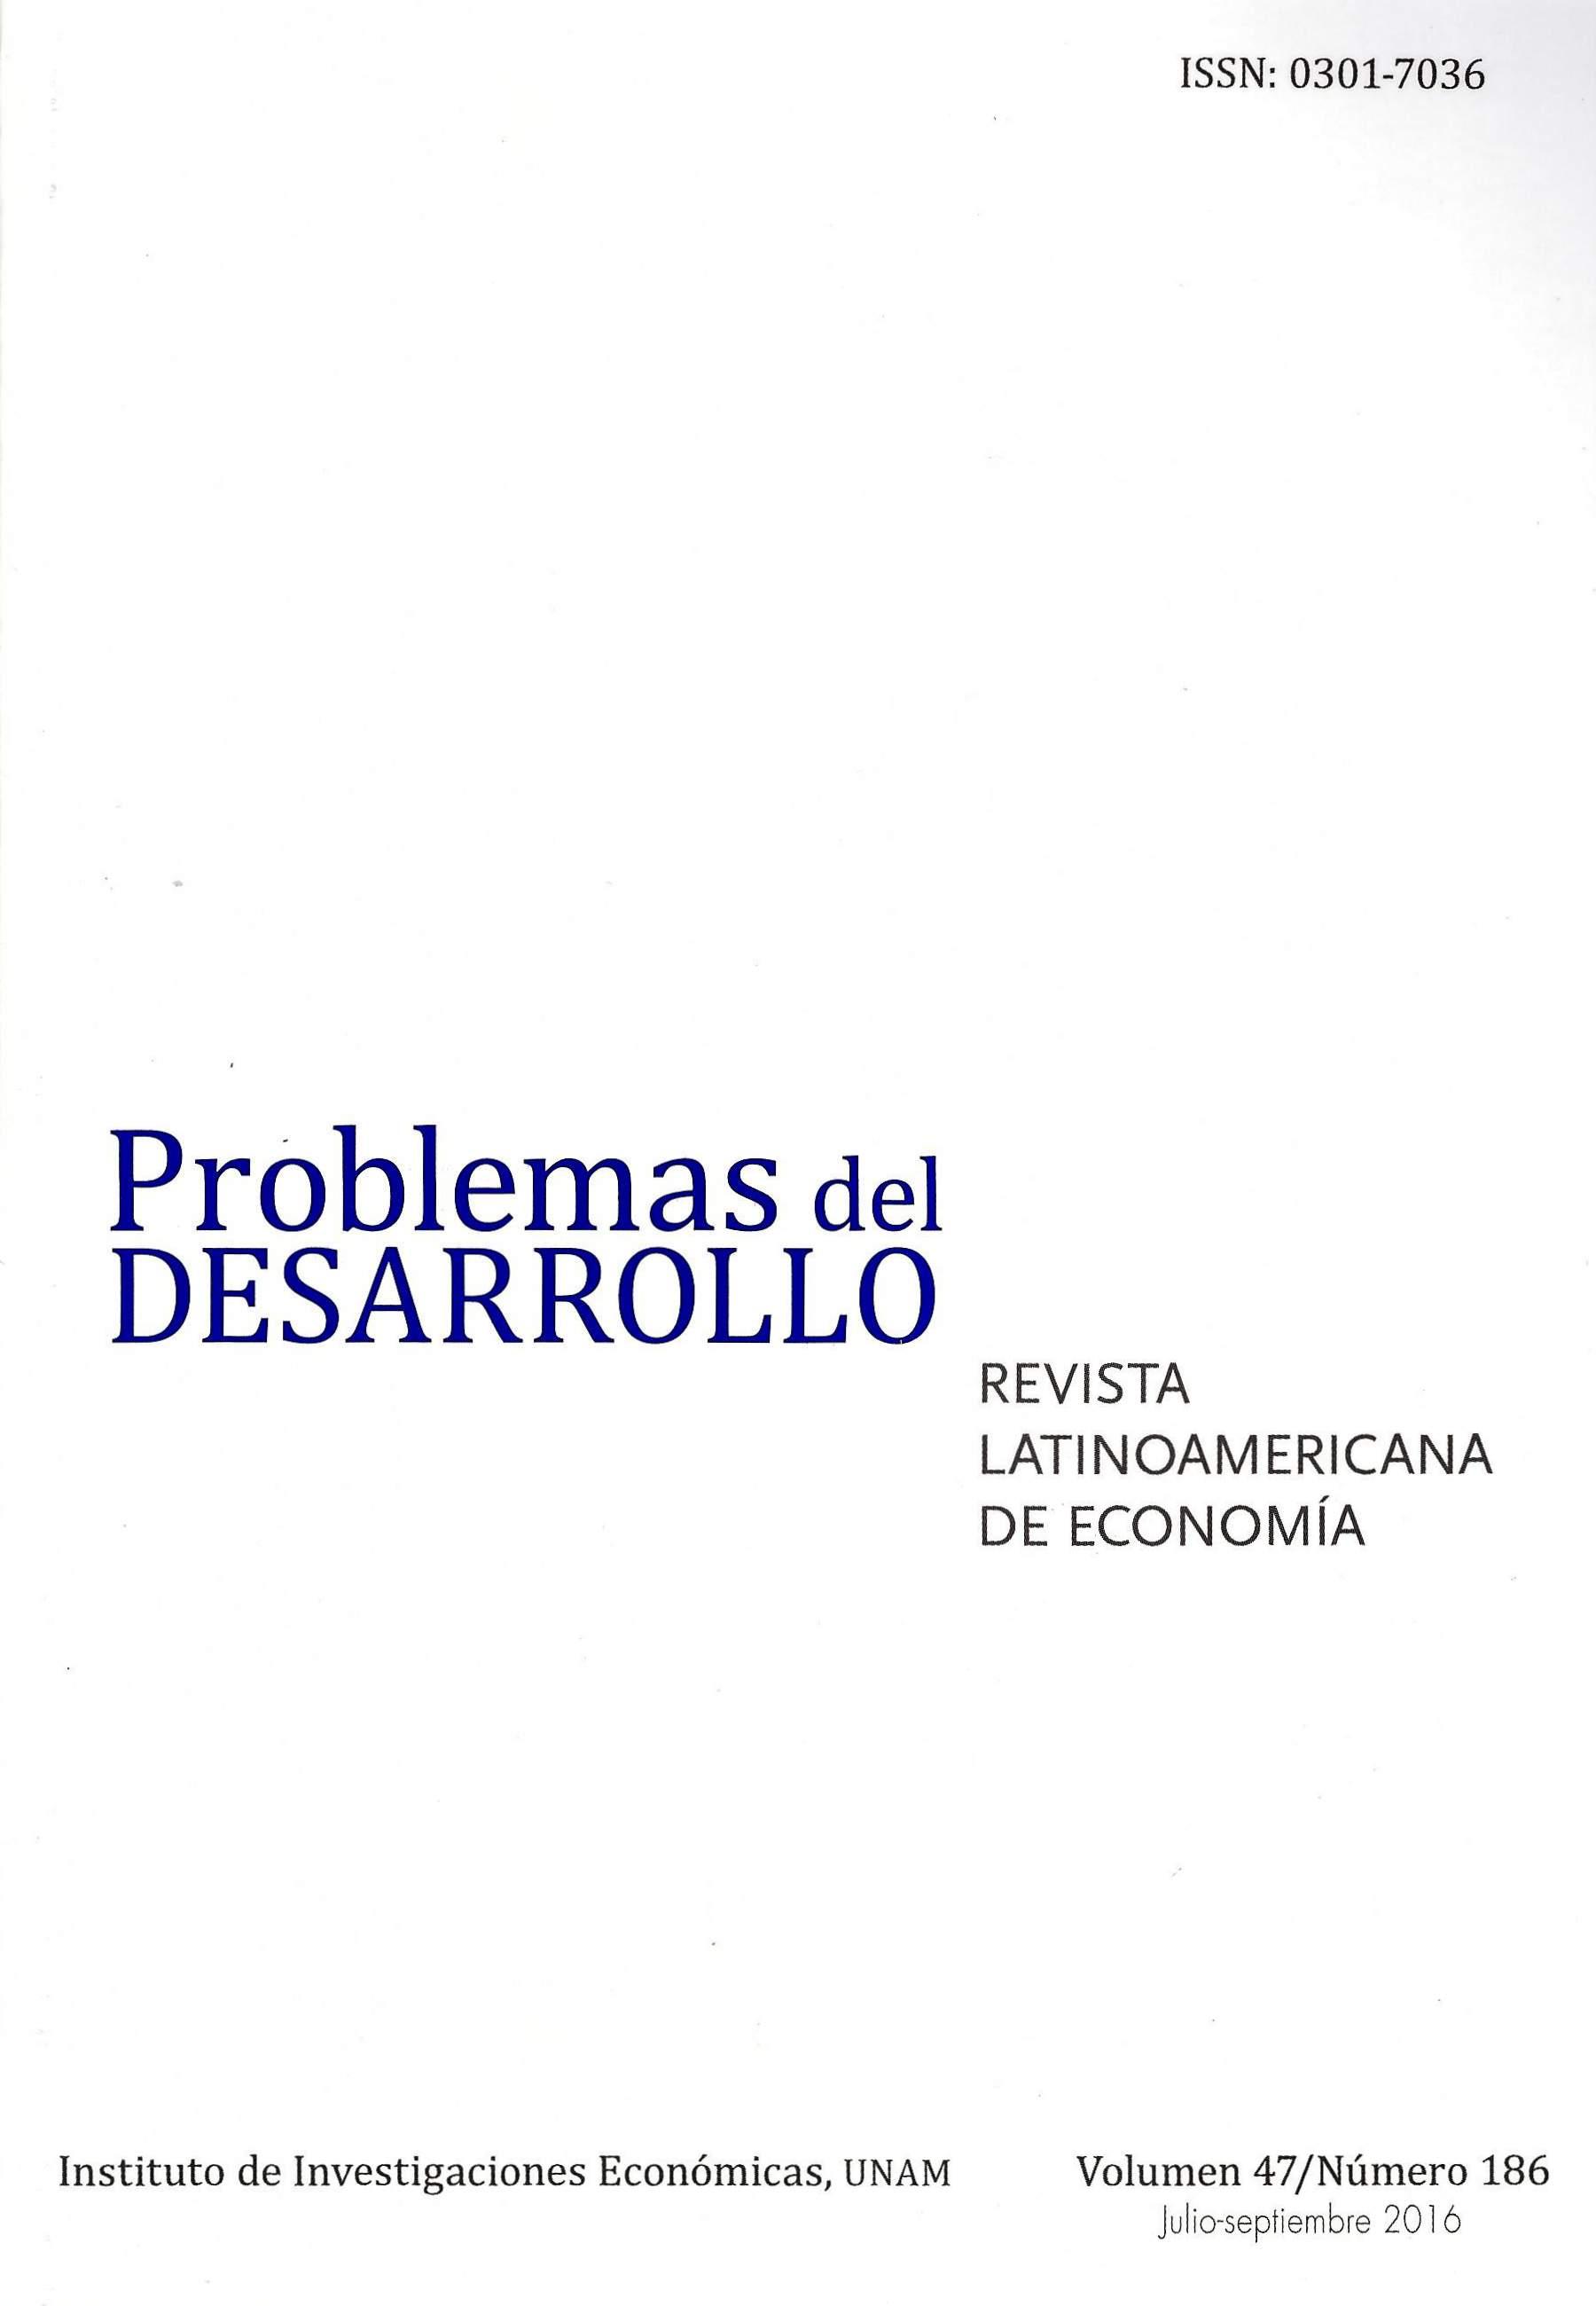 Problemas del Desarrollo. Revista latinoamericana de economía, vol. 47, núm. 186, julio-septiembre de 2016